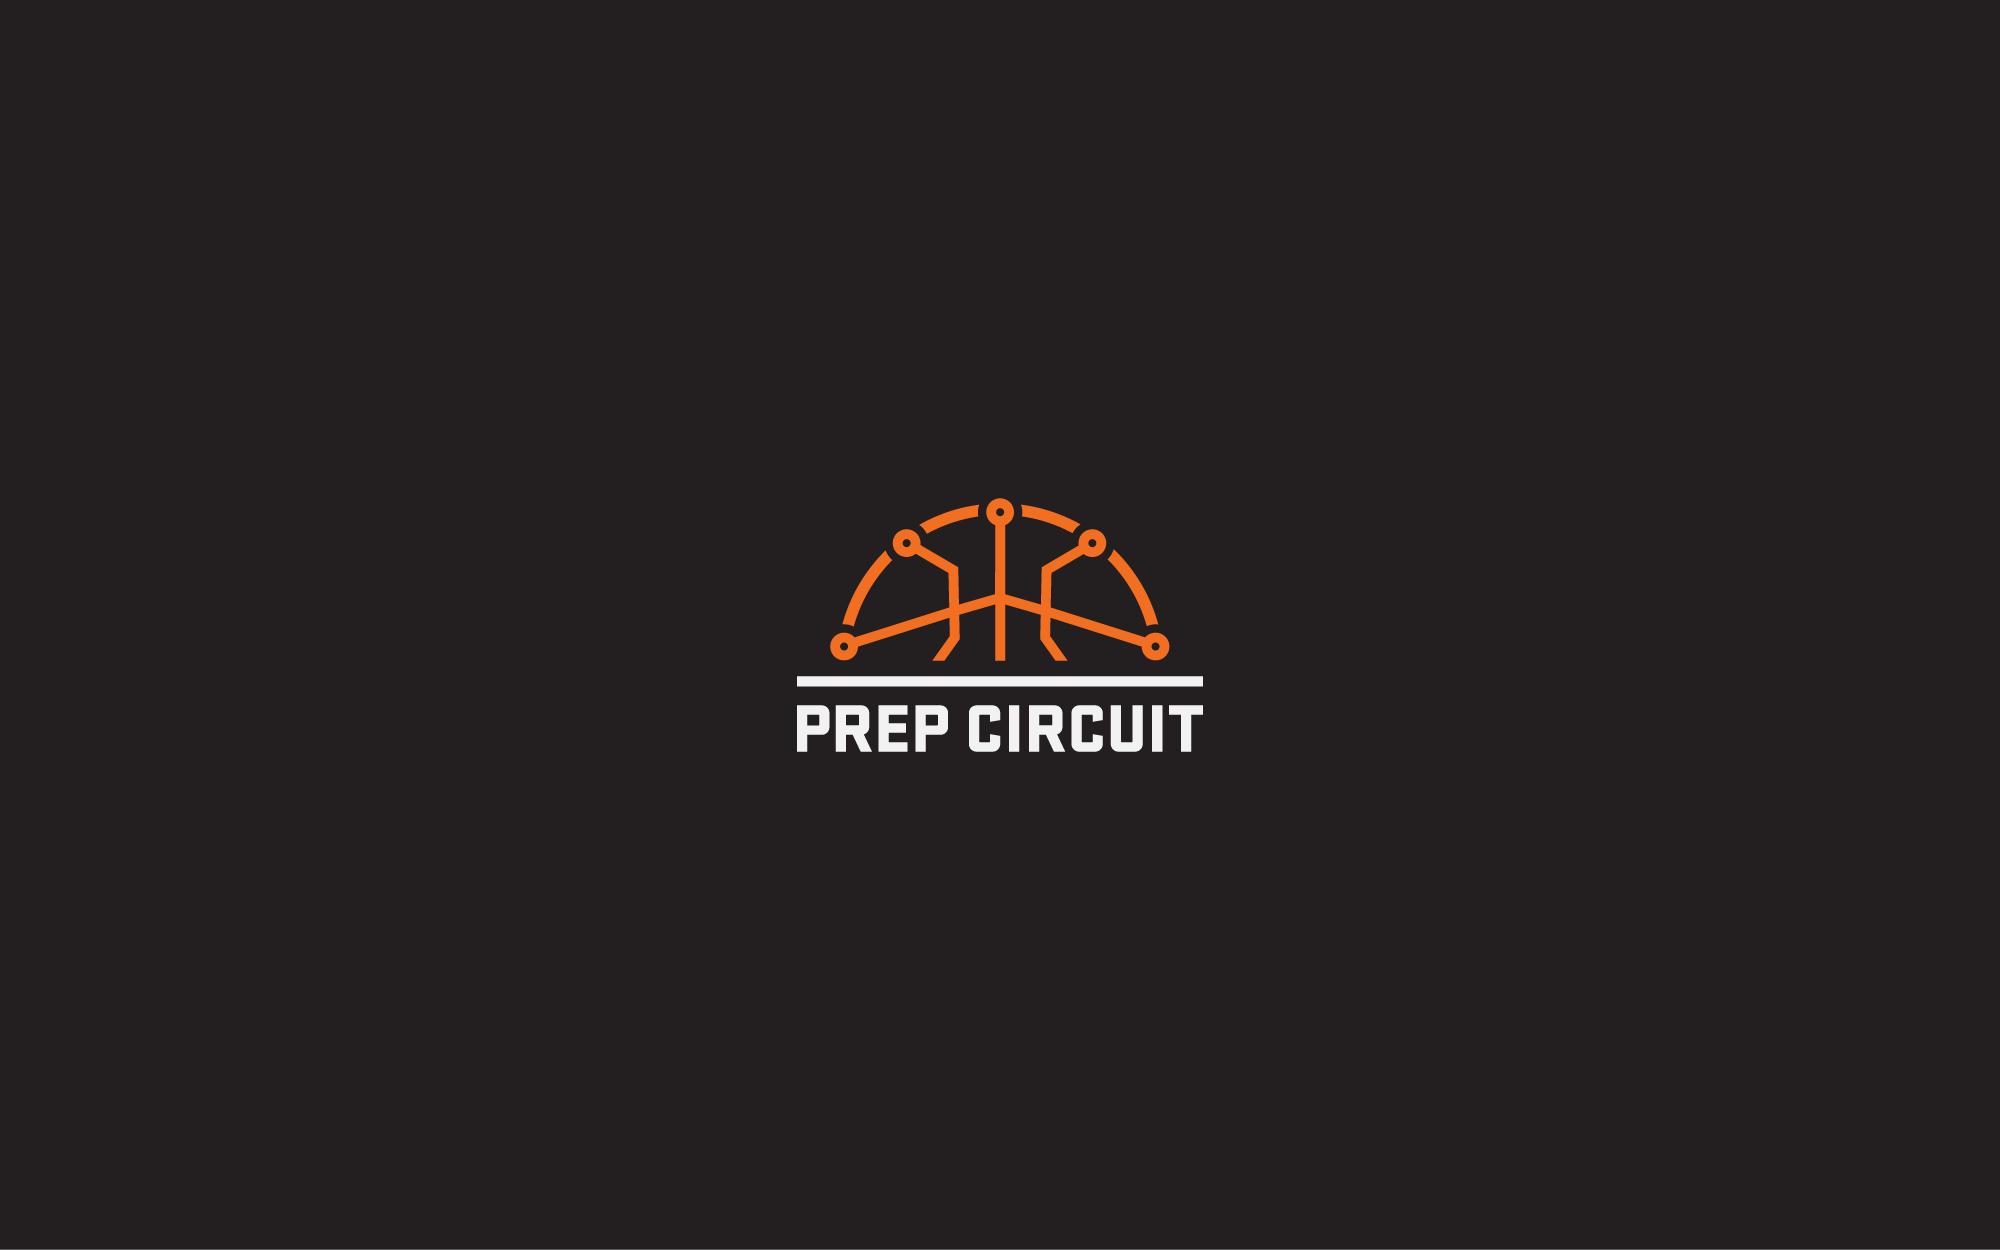 Brand-Prep-Circuit.png